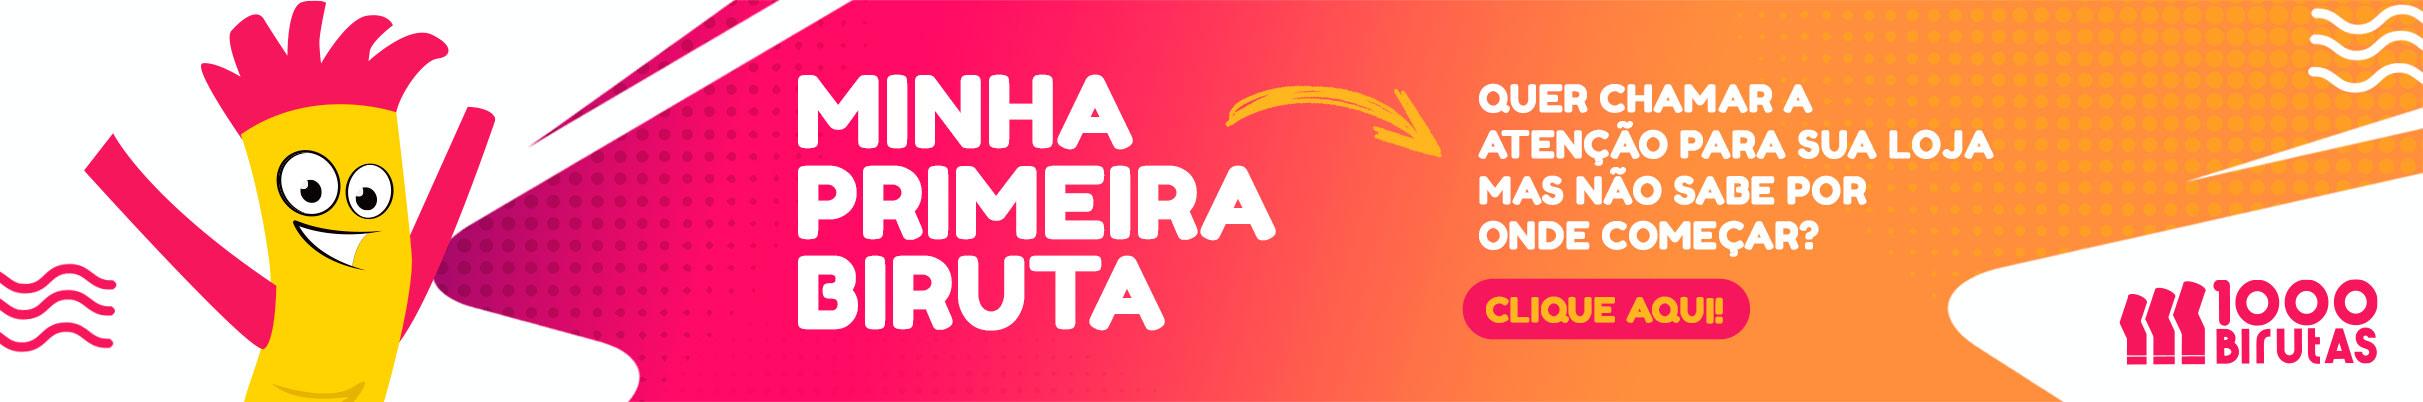 https://www.1000birutas.com.br/boneco-de-posto/segmento